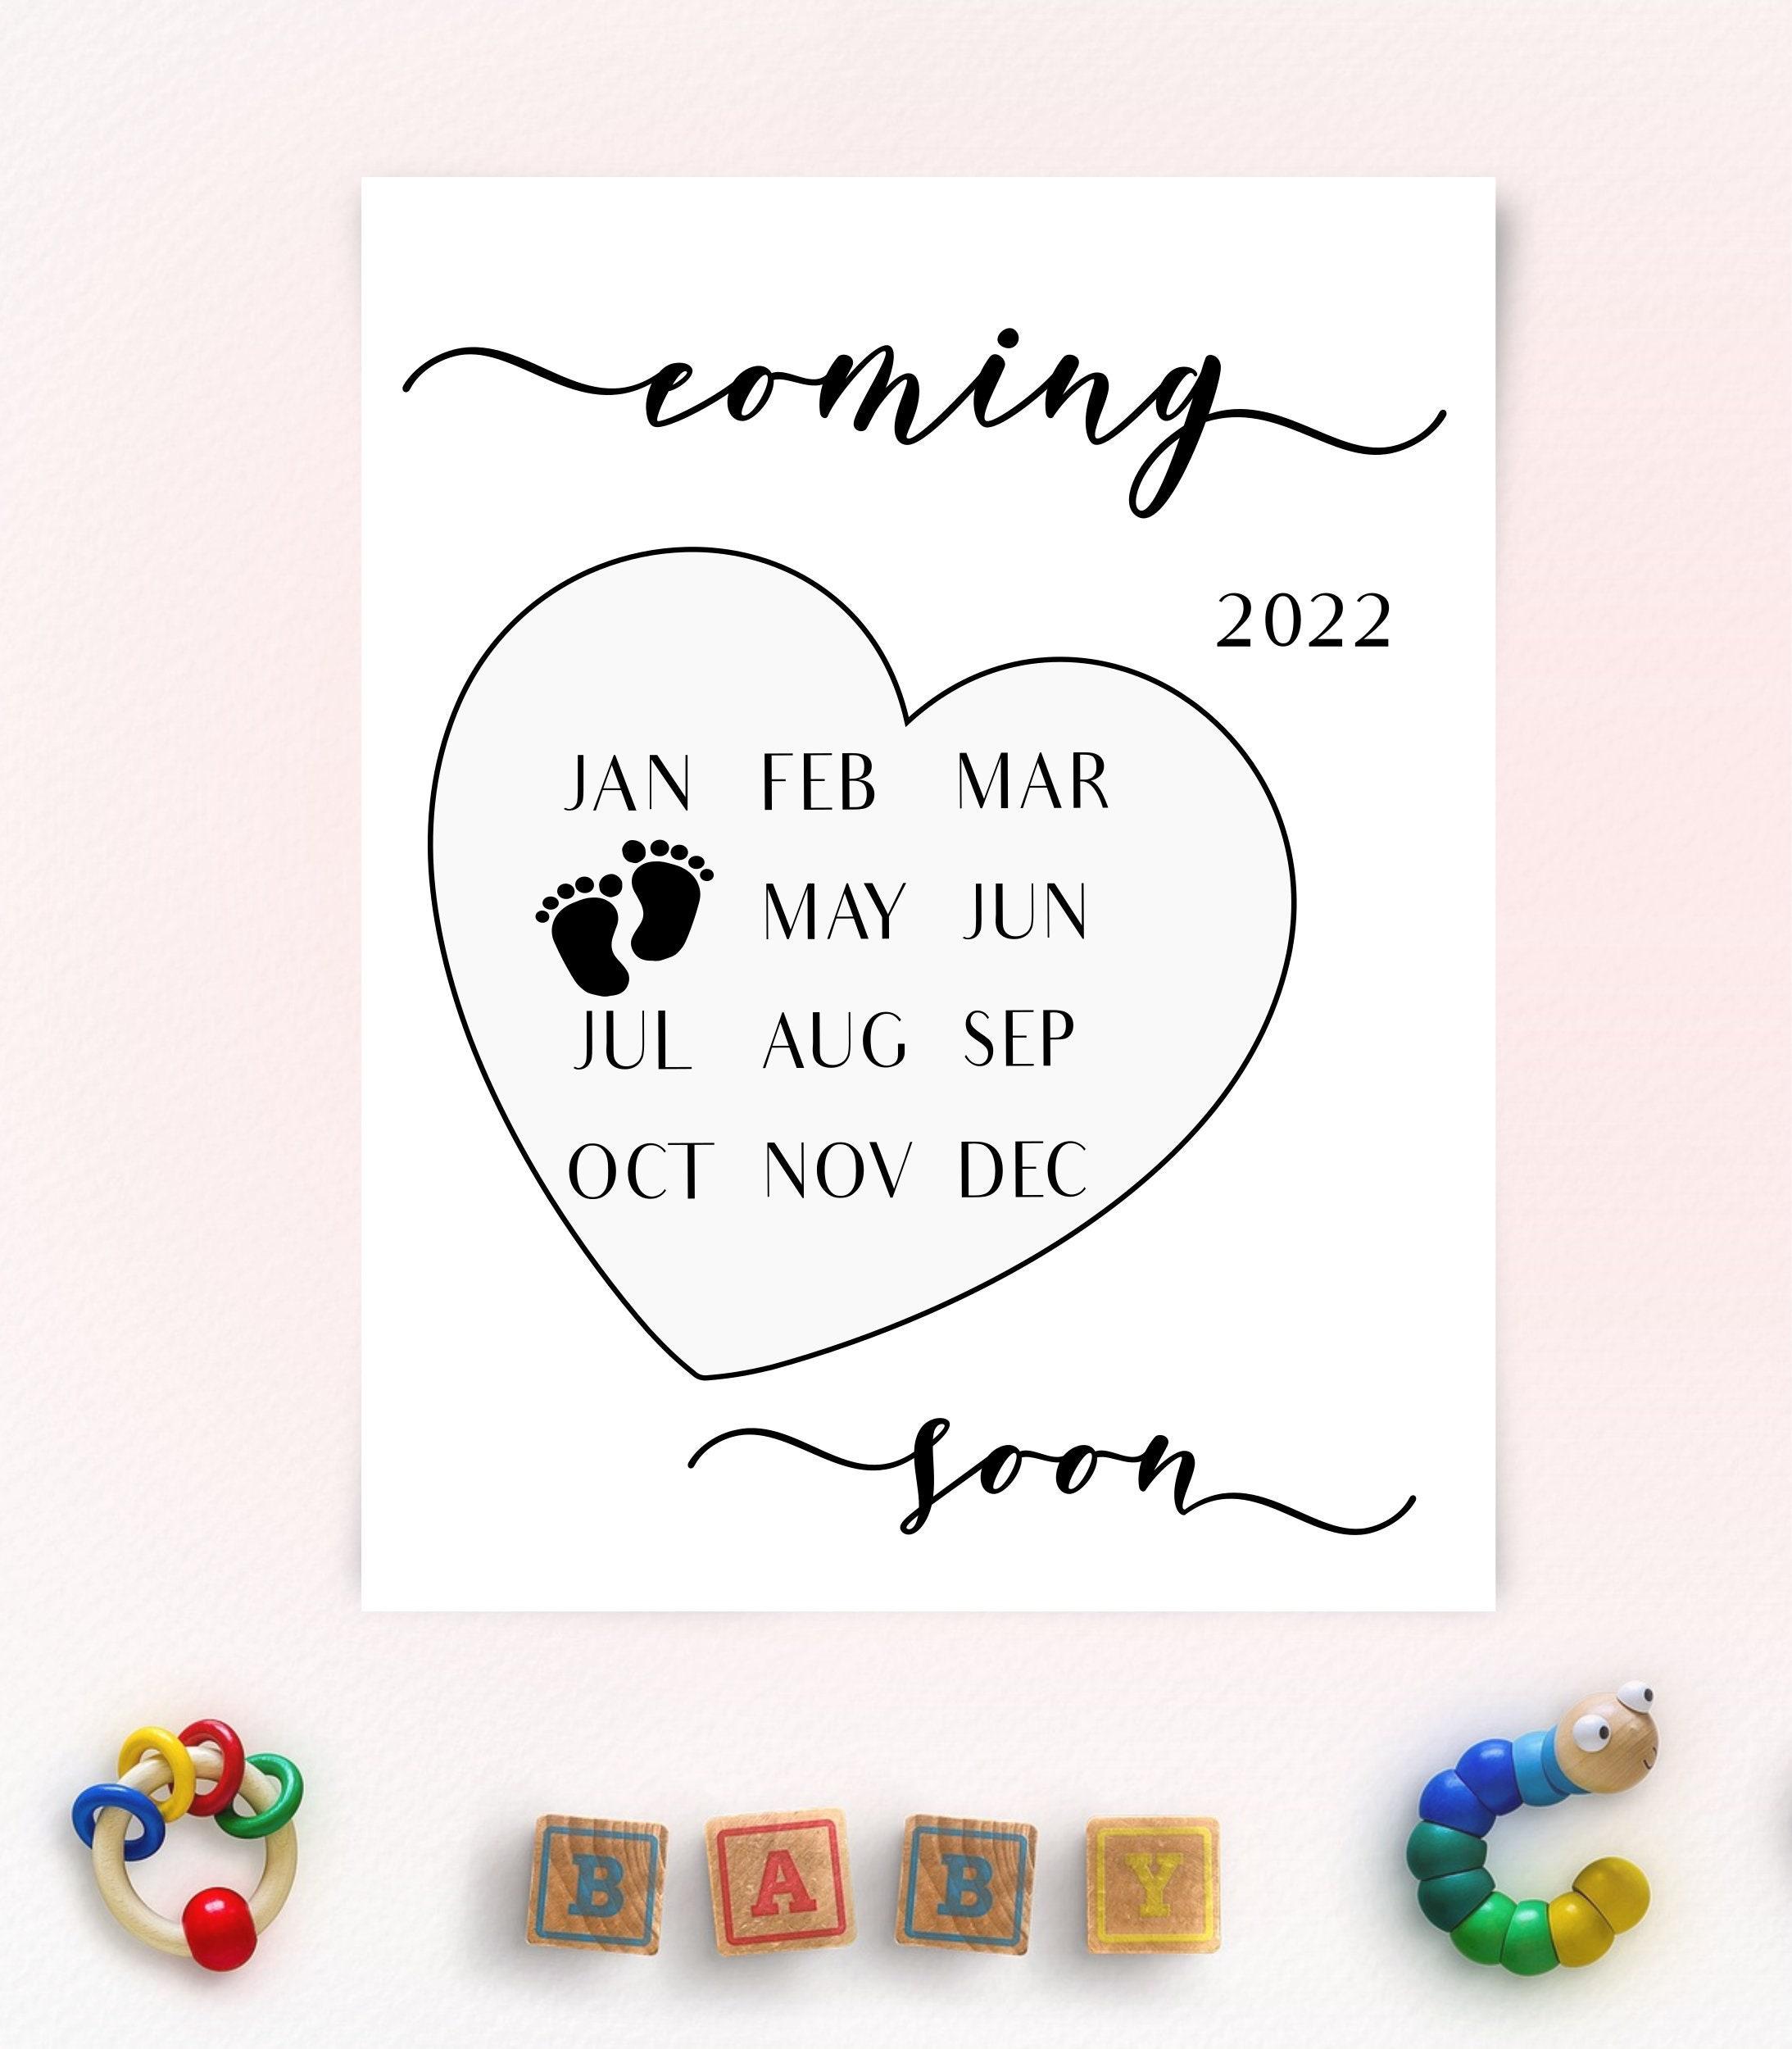 Calendrier Mcdo Avril 2022 Avril 2022 Calendrier dannonce de grossesse Avril 2022 | Etsy